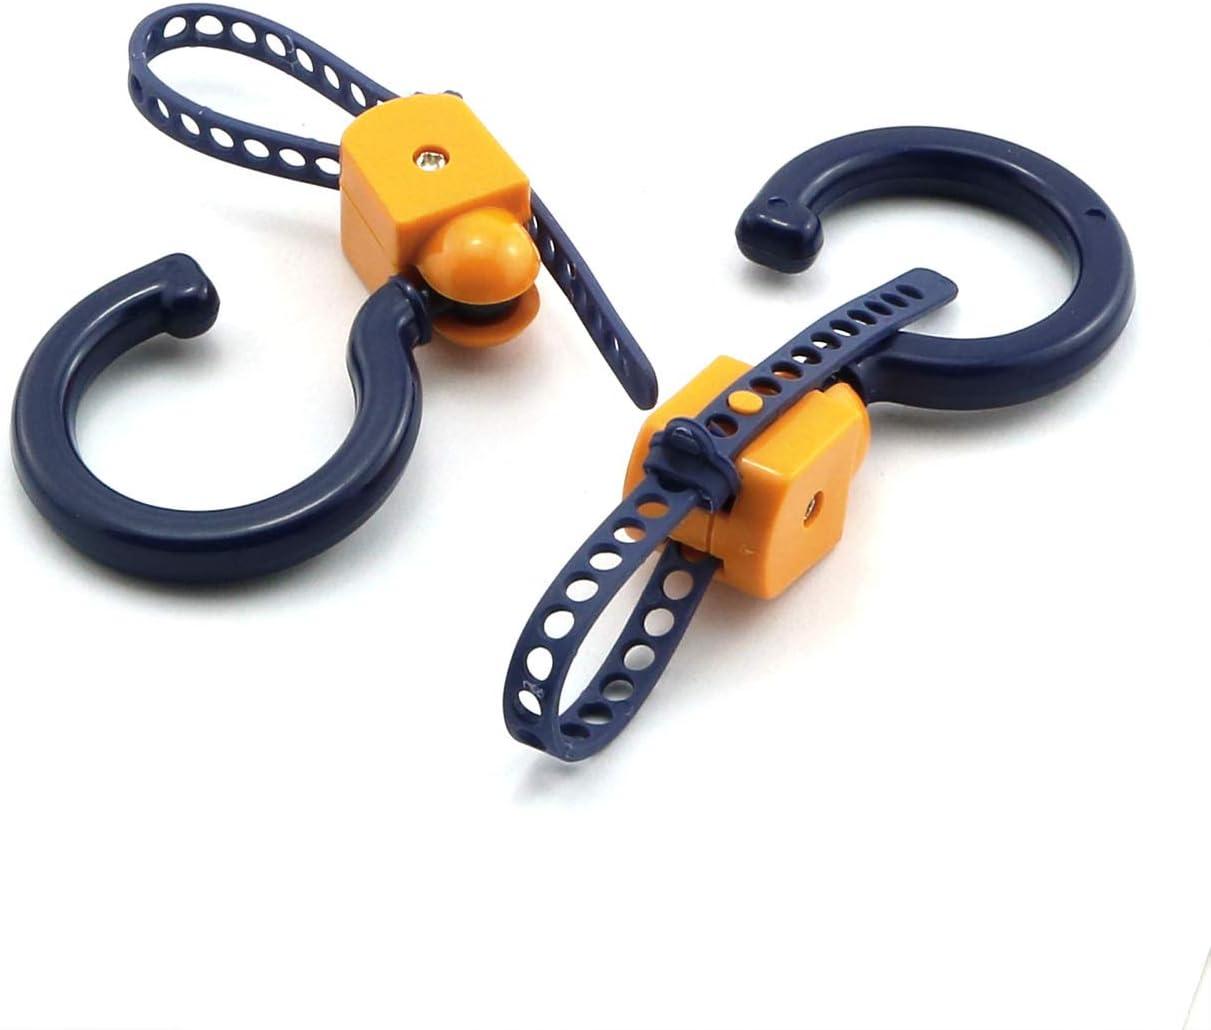 JCBIZ 2PCS Hanger Hook 360 Degree Rotate Swivel Baby Stroller Hooks Hanging Pram Cart Holder Clips Accessories Multi Purpose Blue+Orange